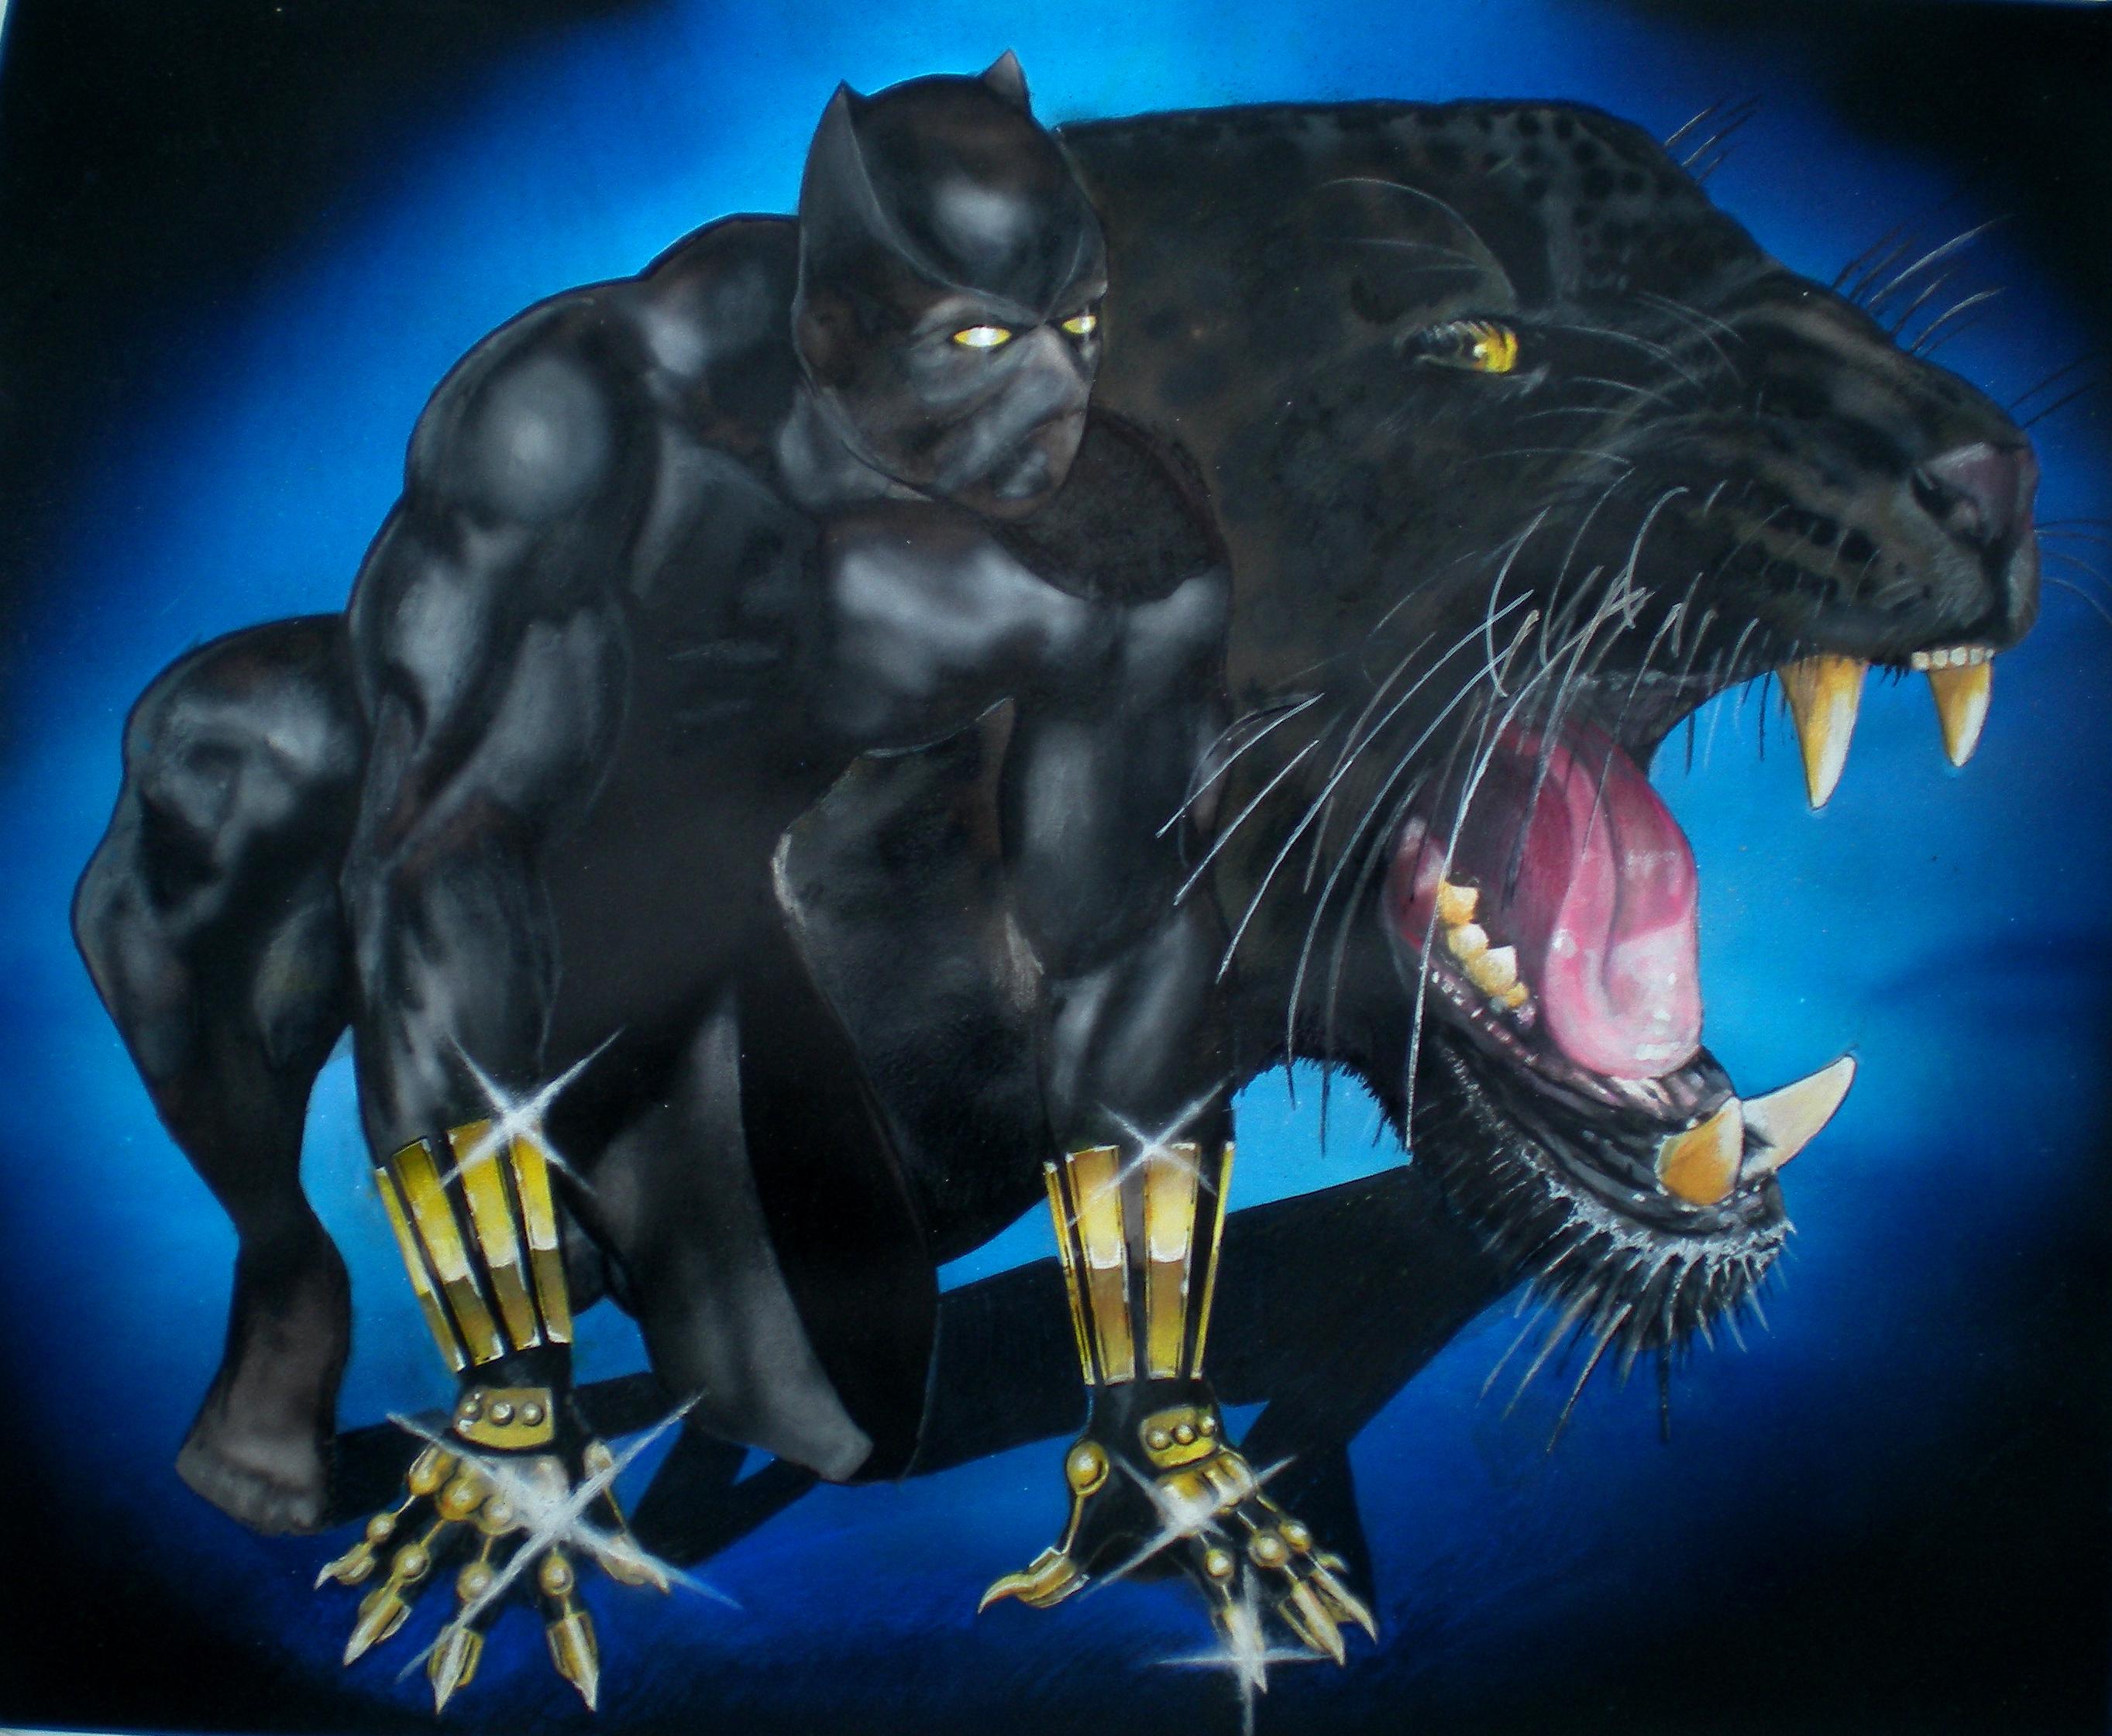 Black Panther By Portela On Deviantart: Black Panther By Thunder2165 On DeviantArt